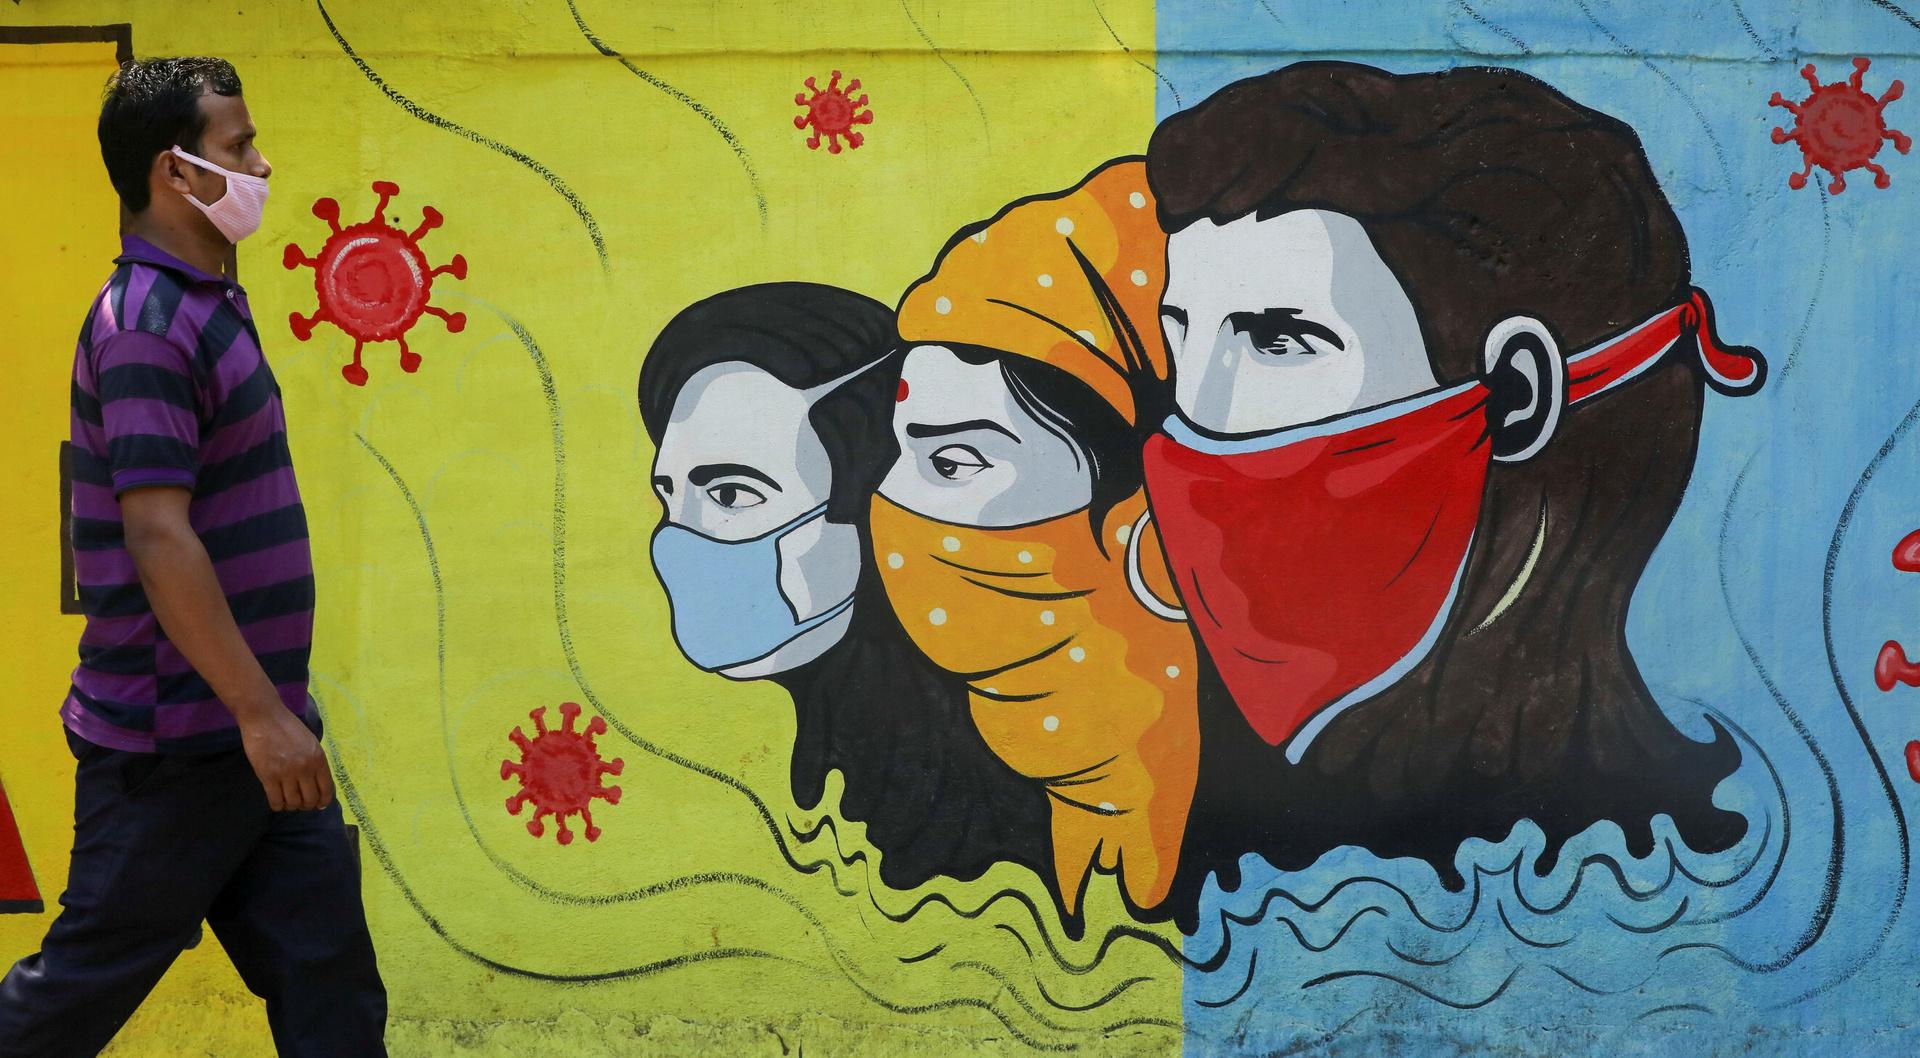 الهند تسجل أكبر حصيلة يومية بإصابات كورونا هذا العام